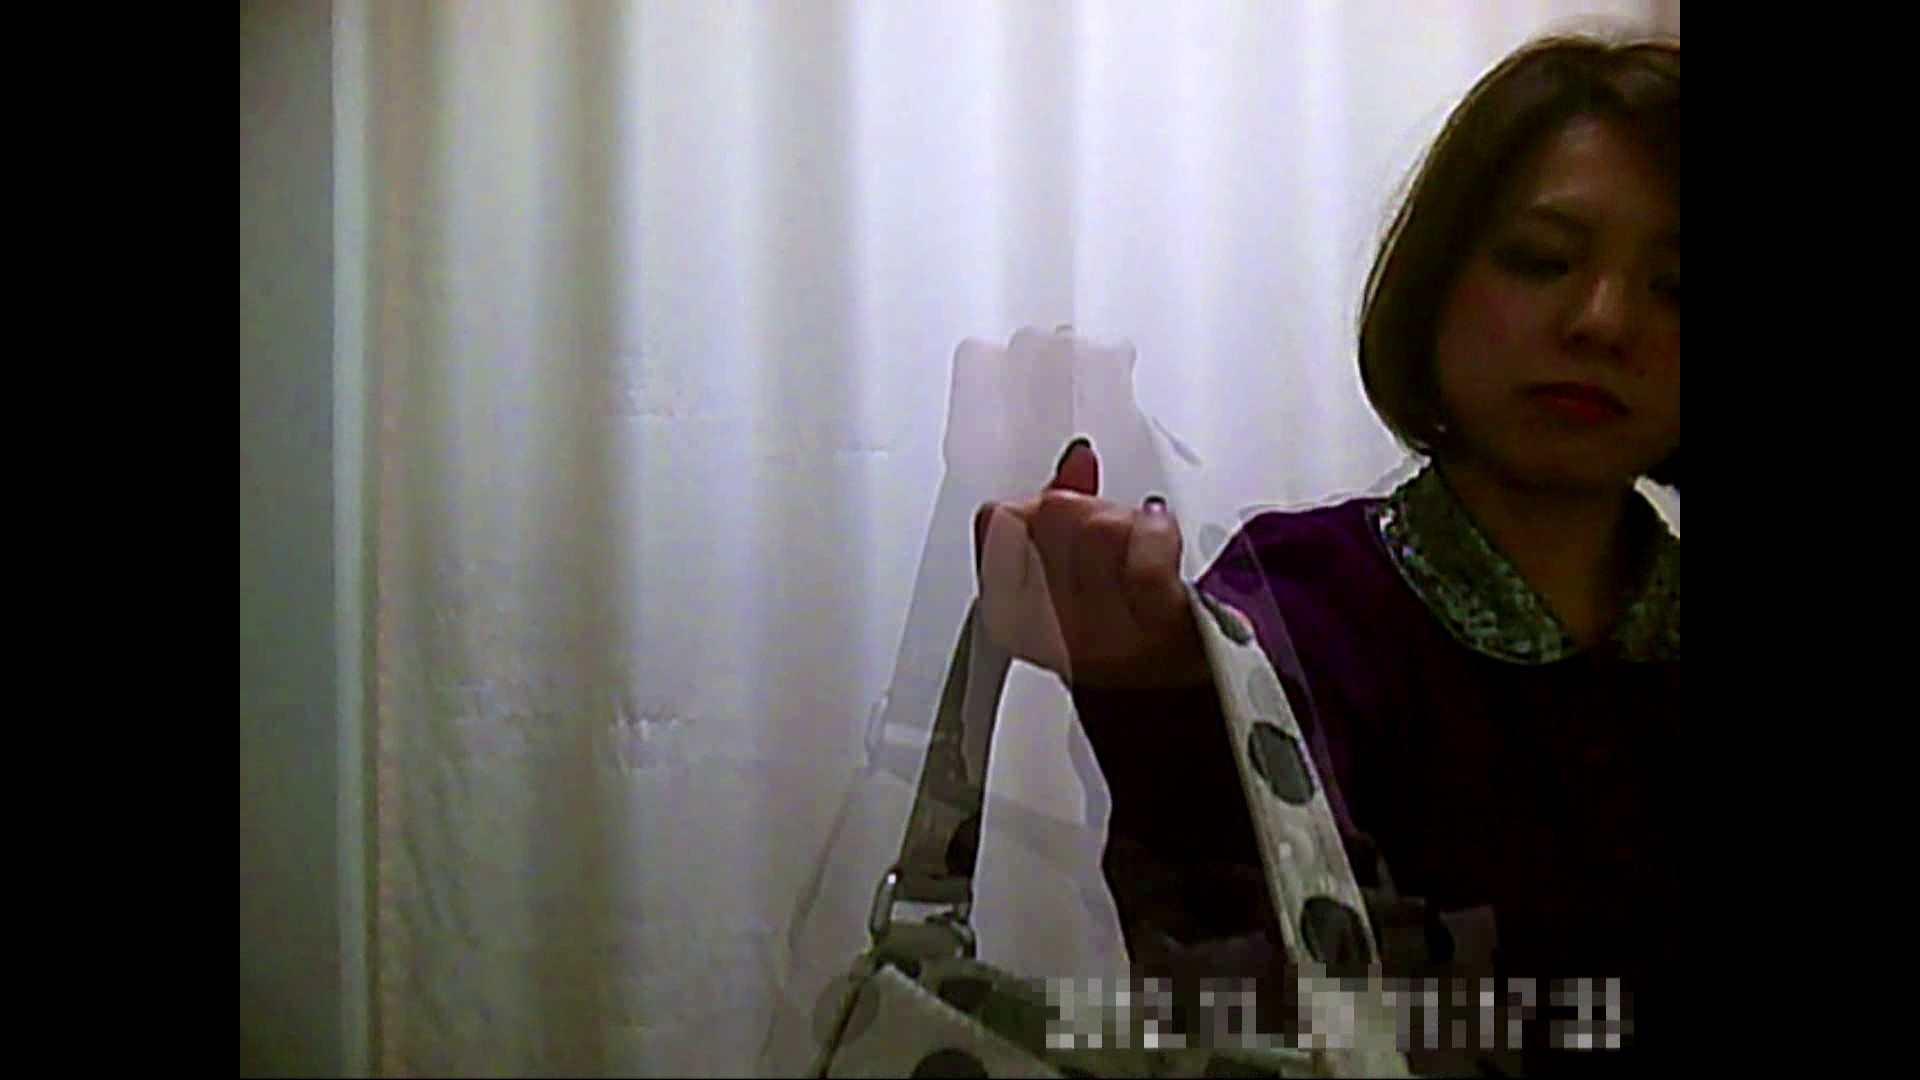 病院おもいっきり着替え! vol.165 巨乳 オメコ無修正動画無料 107PIX 40